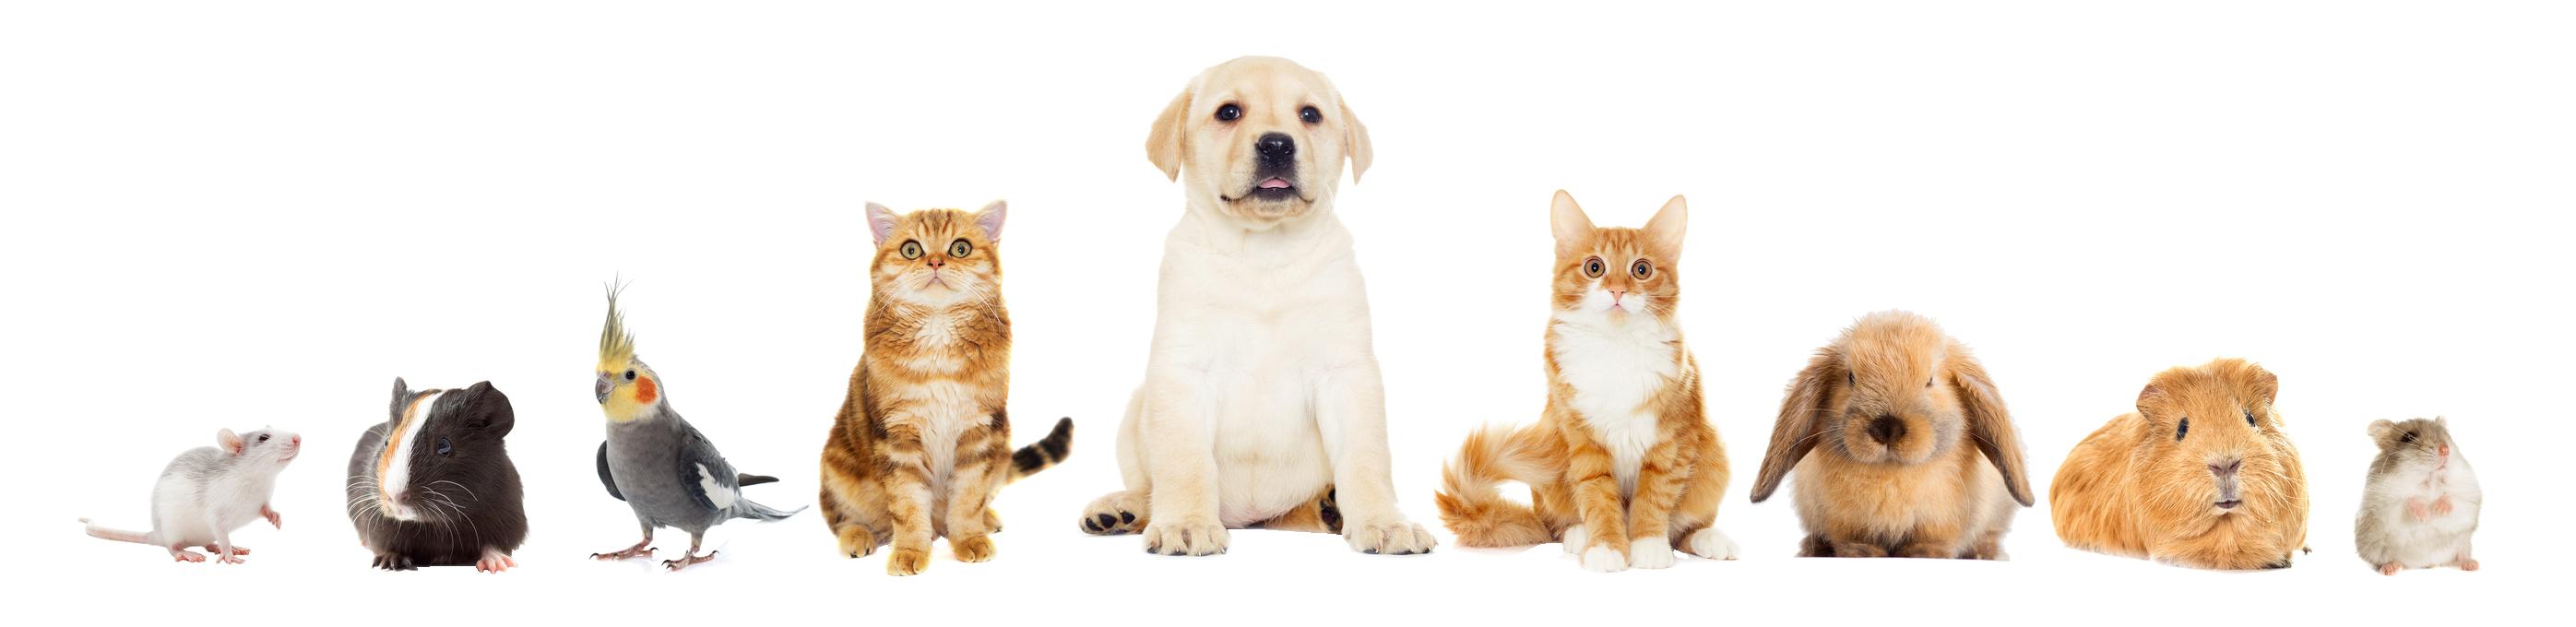 Kleintierpraxis Greiner, Neu-Ulm / Pfuhl –Kleintiere, Hund, Katze, Hase, Meerschweinchen